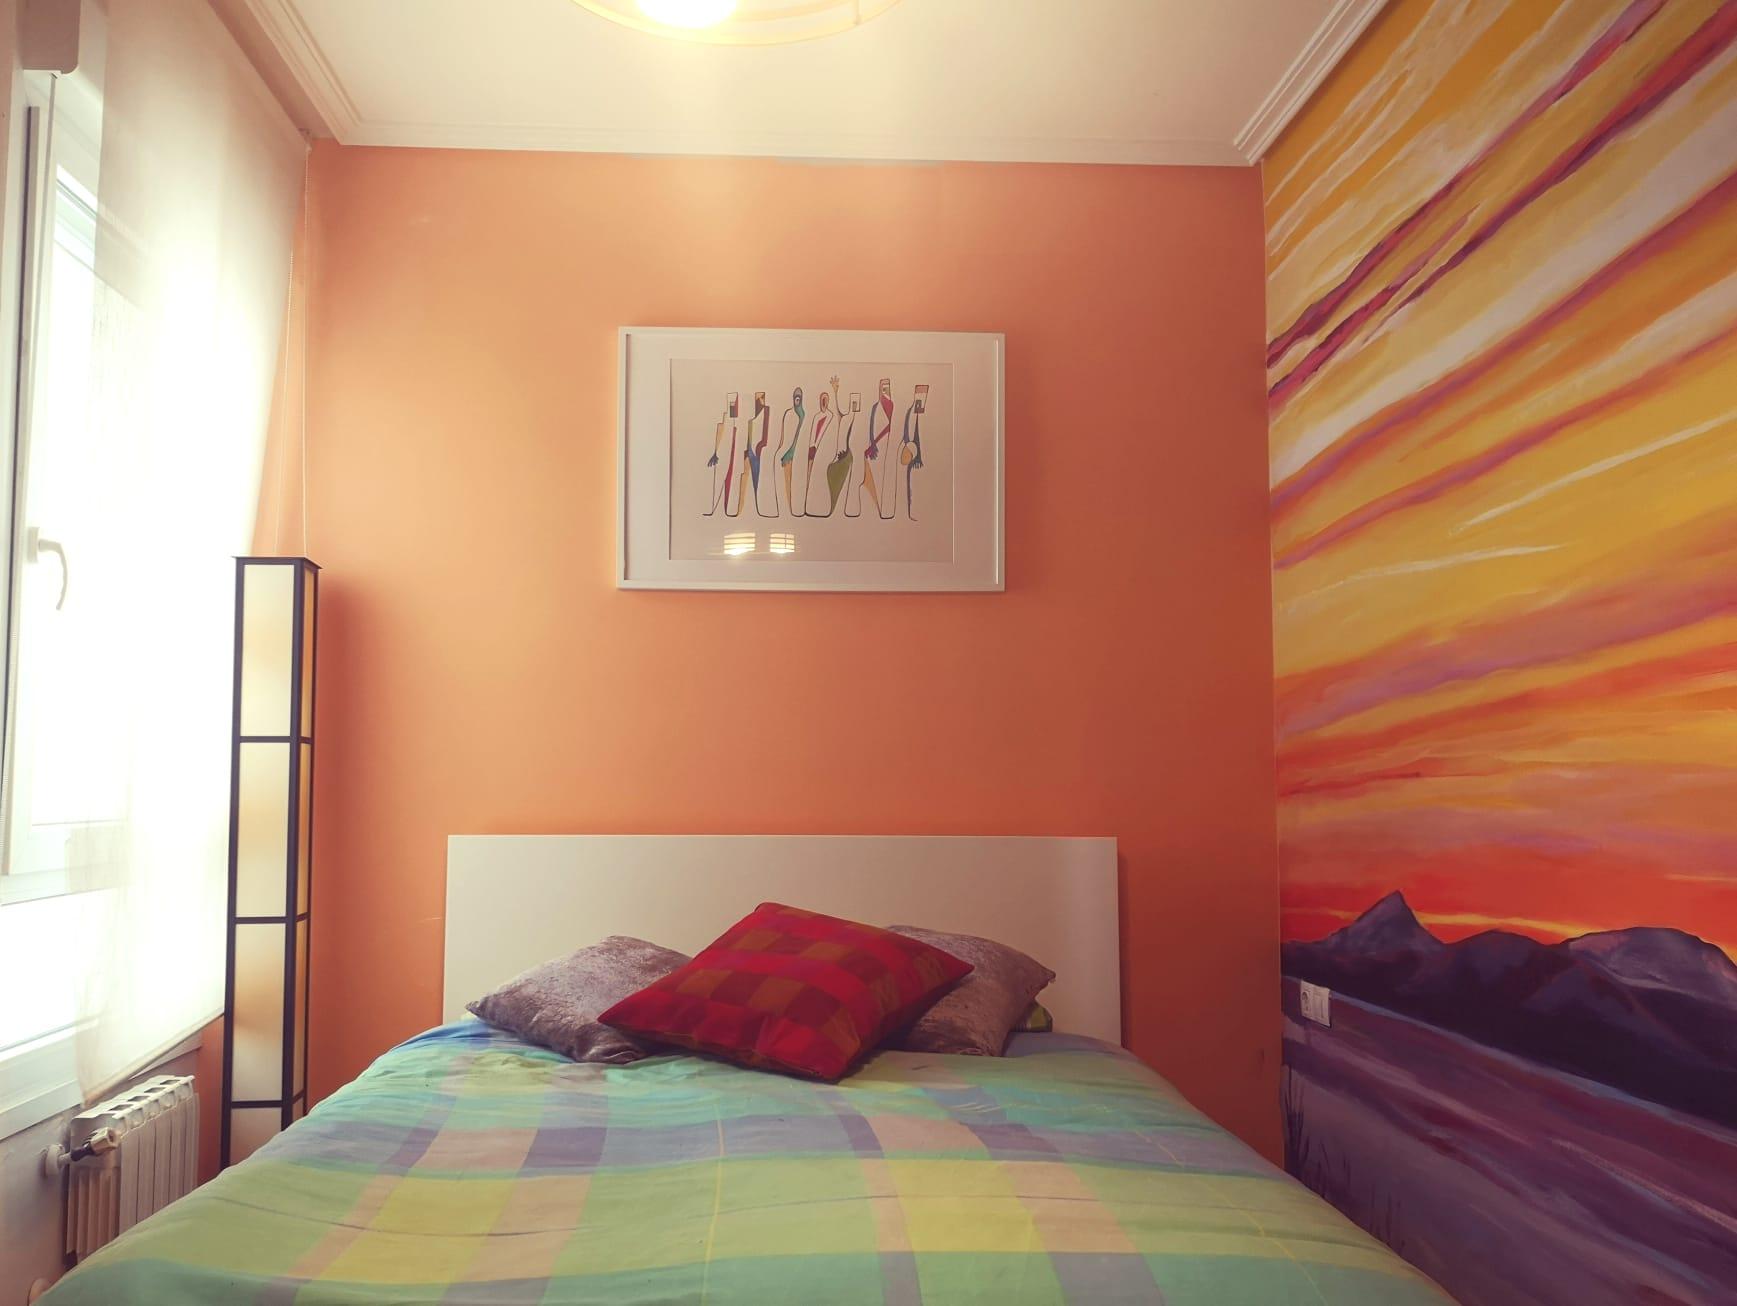 Mural personalizado Habitación vivienda - Urbina1